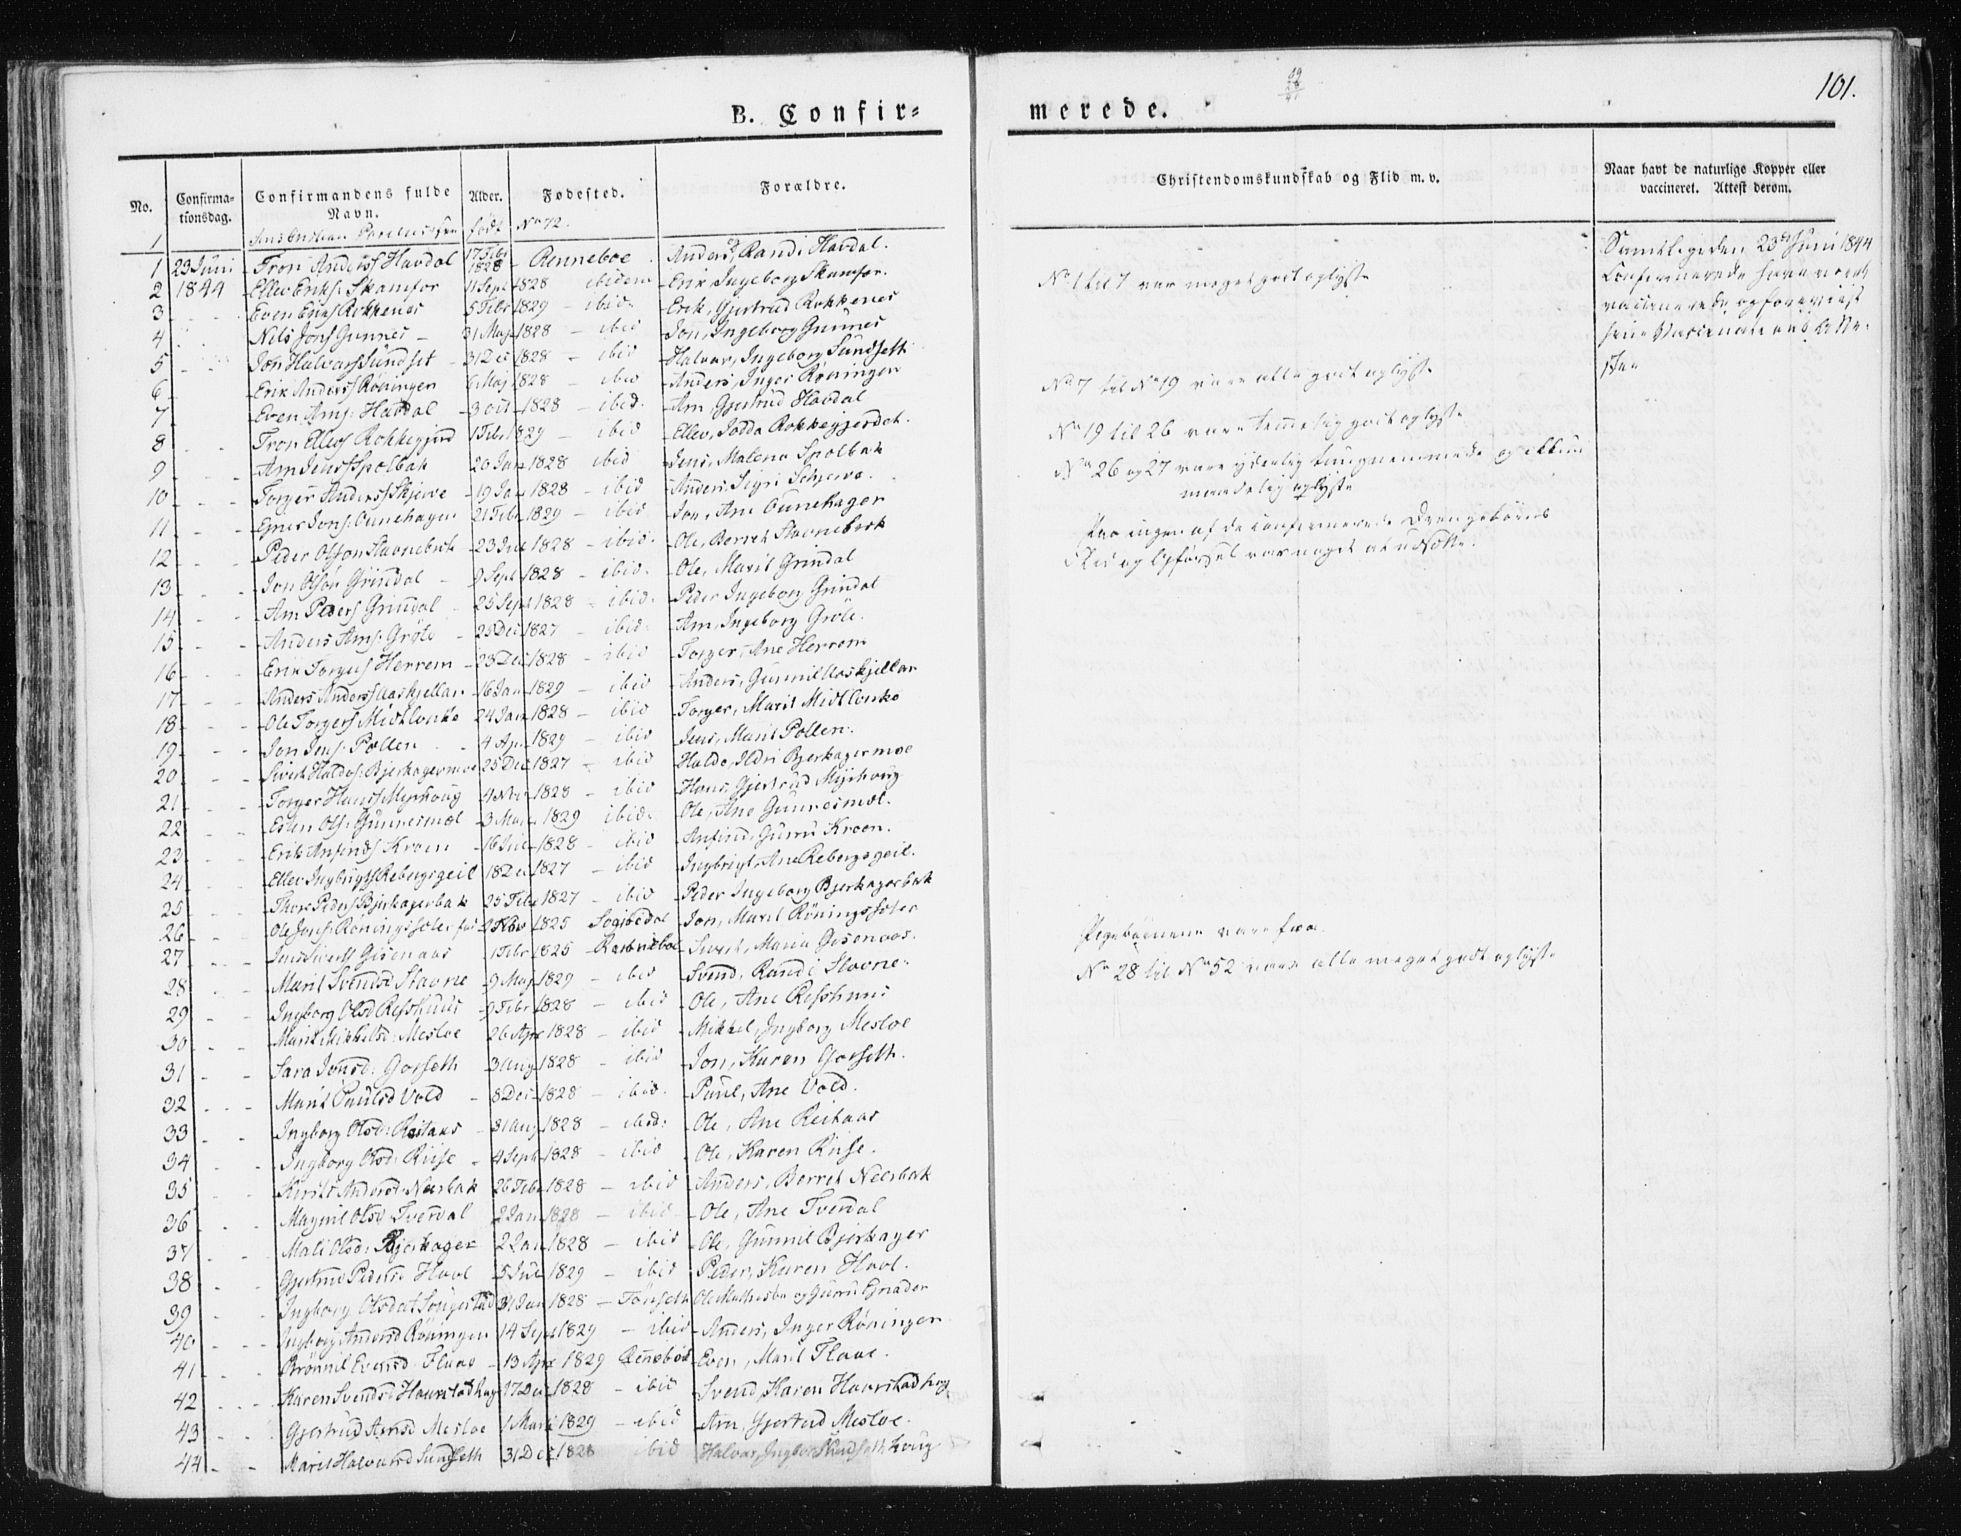 SAT, Ministerialprotokoller, klokkerbøker og fødselsregistre - Sør-Trøndelag, 674/L0869: Ministerialbok nr. 674A01, 1829-1860, s. 101